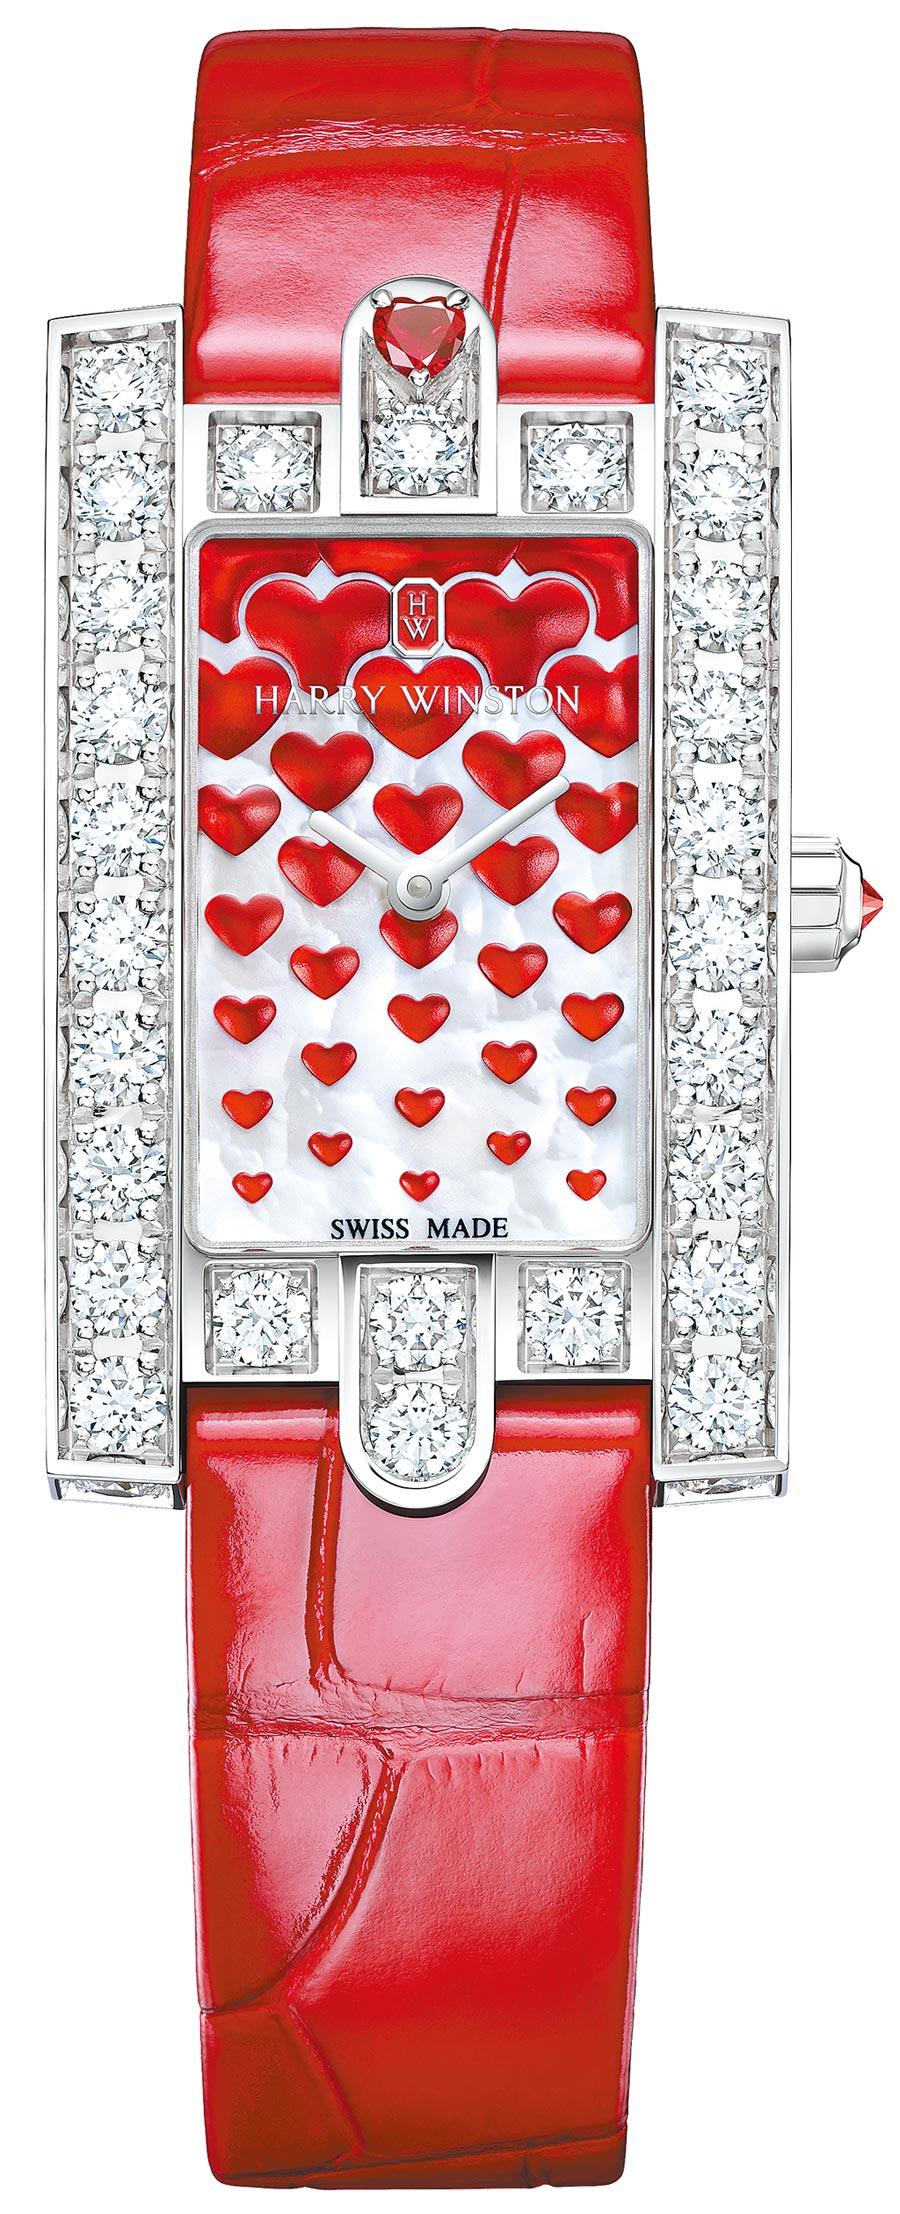 海瑞溫斯頓在七夕情人節推出第五大道Avenue Classic系列 Sweet Valentine腕表。(Harry Winston提供)